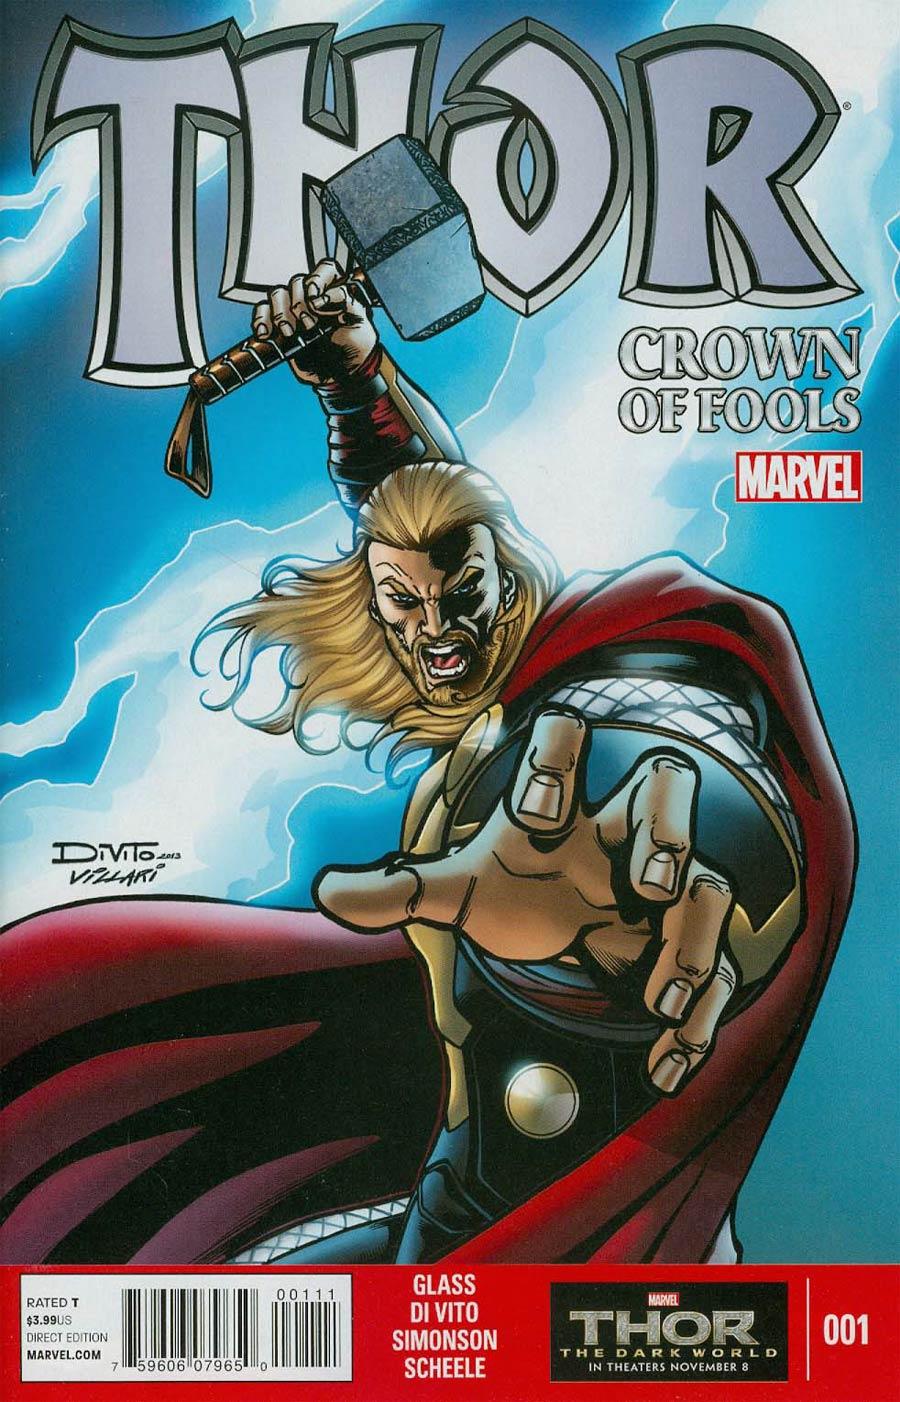 Thor Crown Of Fools #1